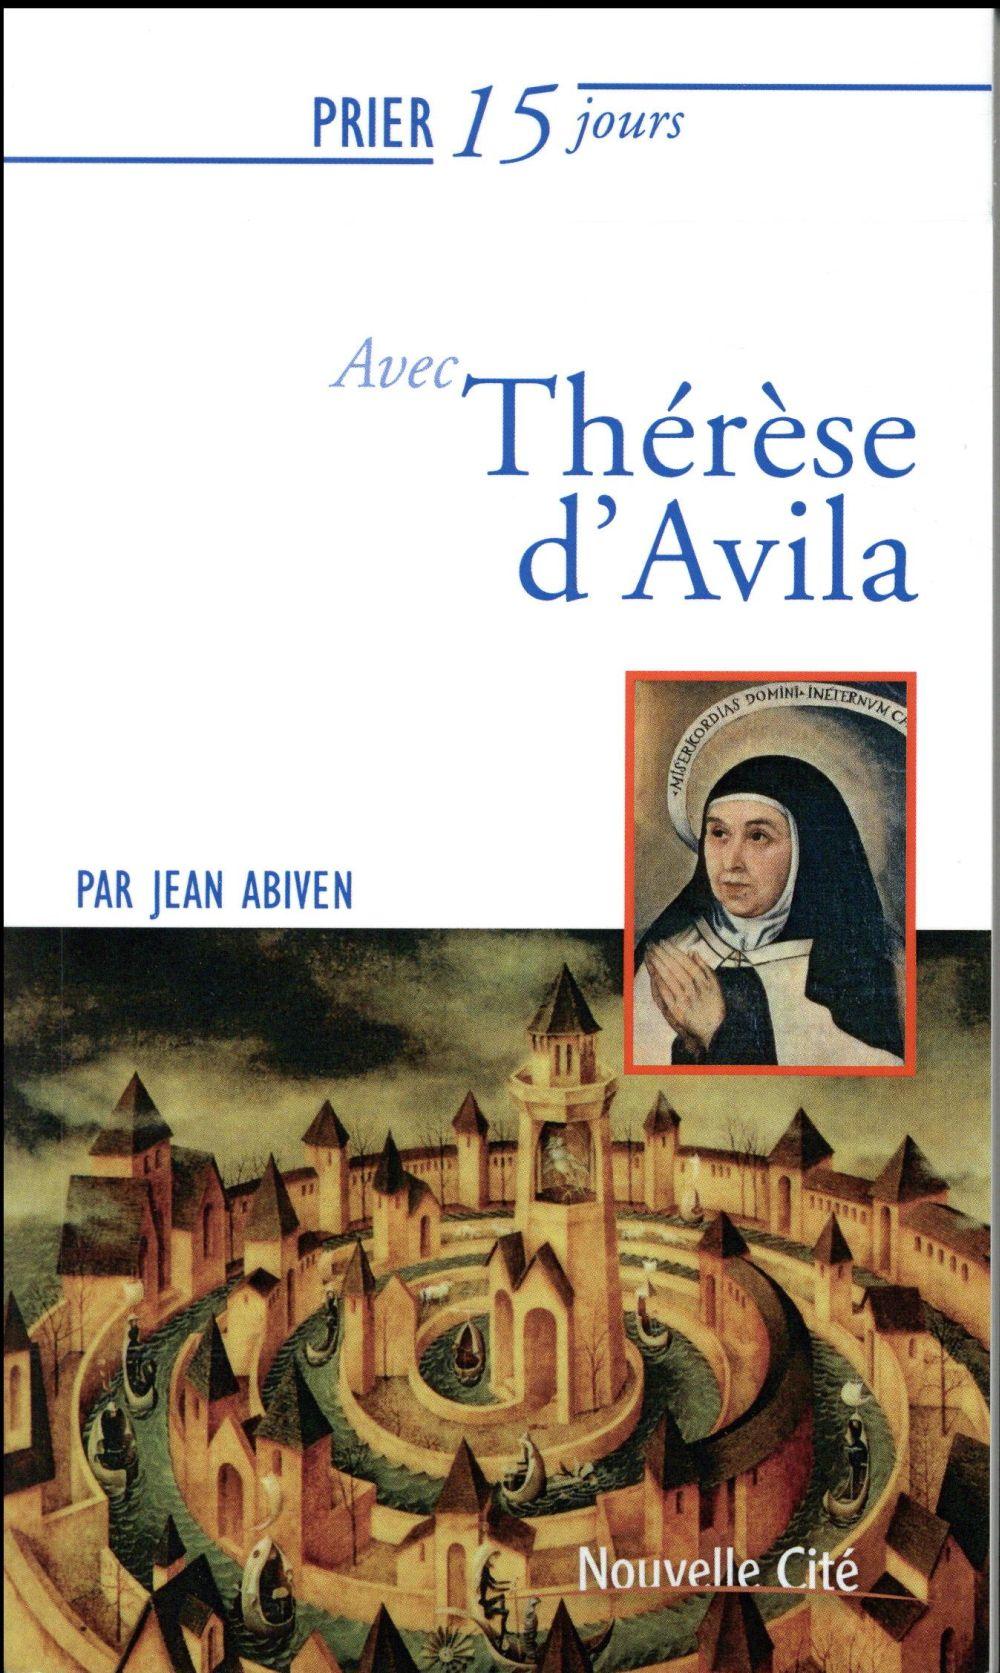 Prier 15 jours avec... ; Thérèse d'Avila